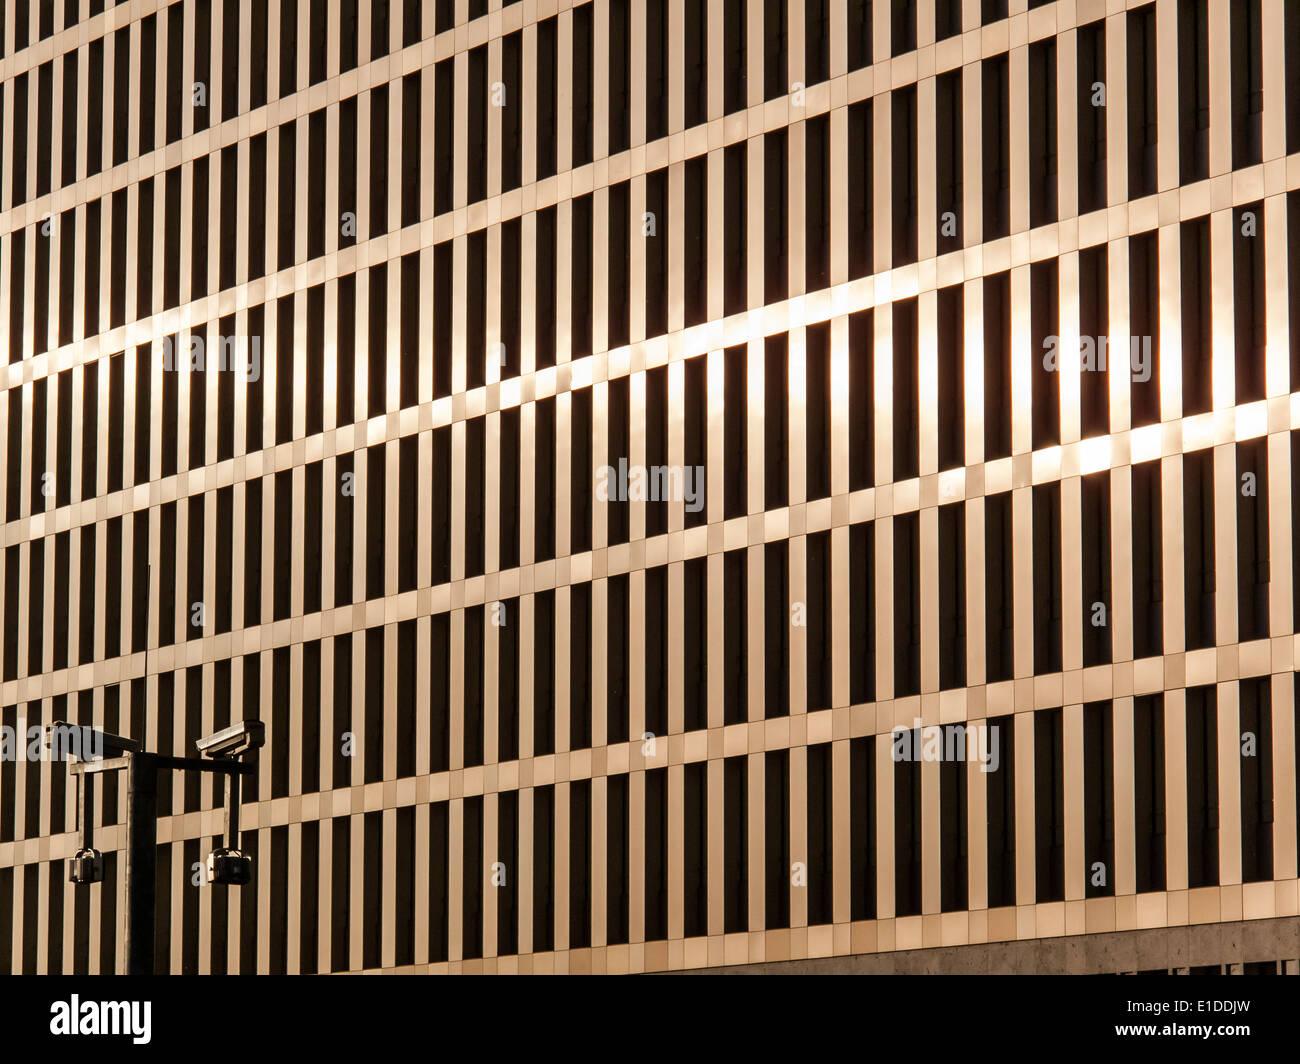 Nouveau siège de la BND, le Service de renseignement fédéral allemand à Berlin, en basse lumière. Photo Stock